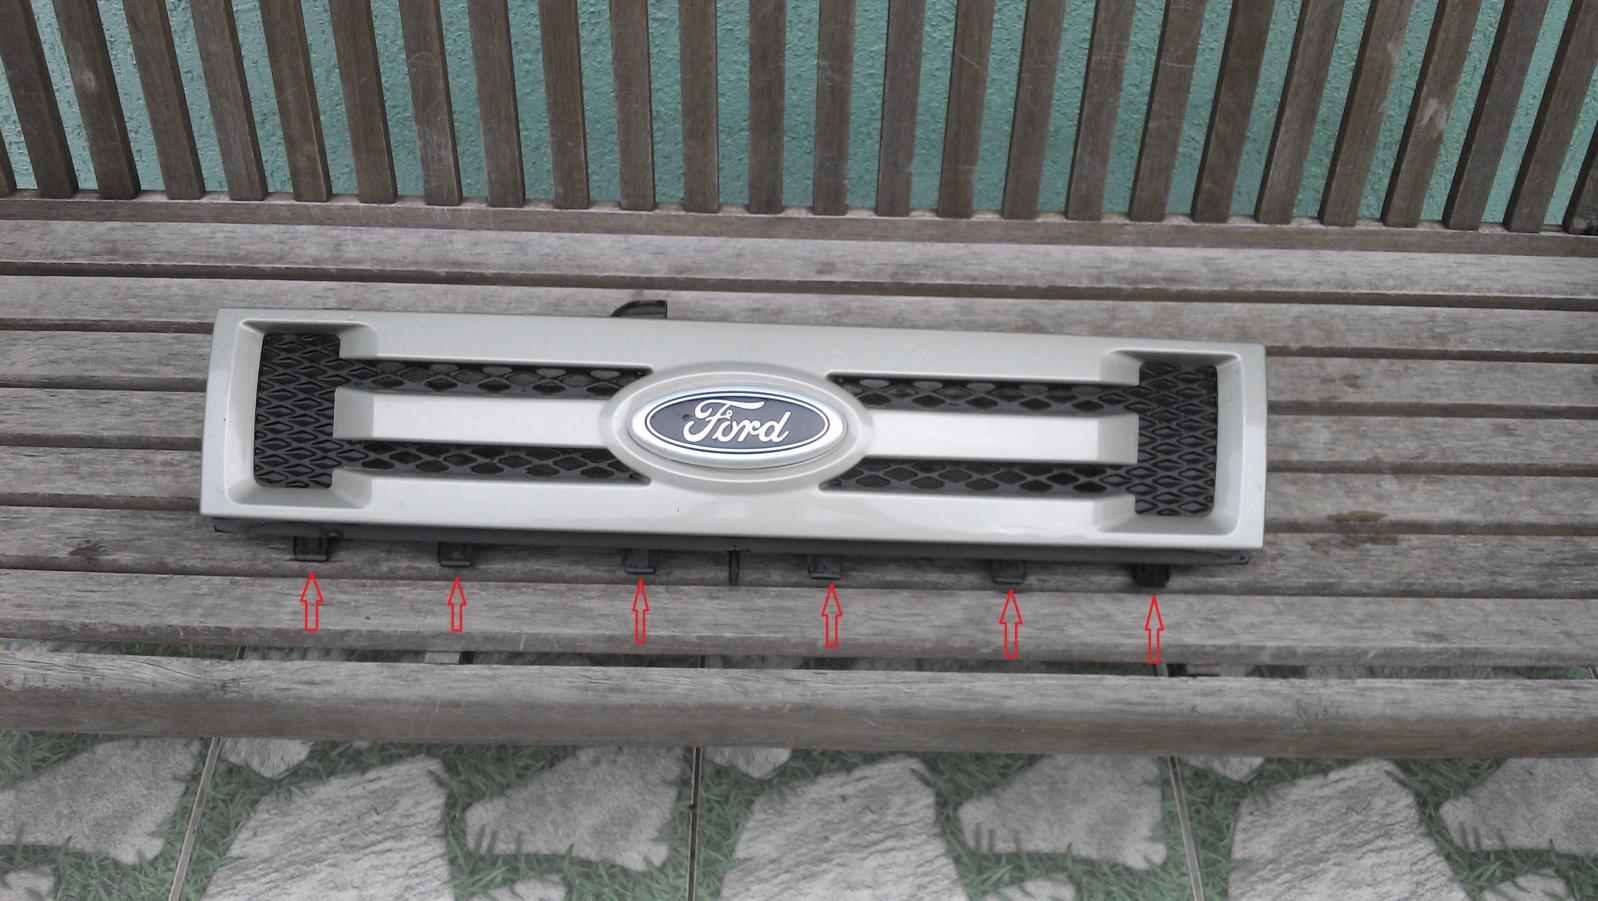 Retirar a grade dianteira do Ecosport 2012 modelo antigo 2lc369